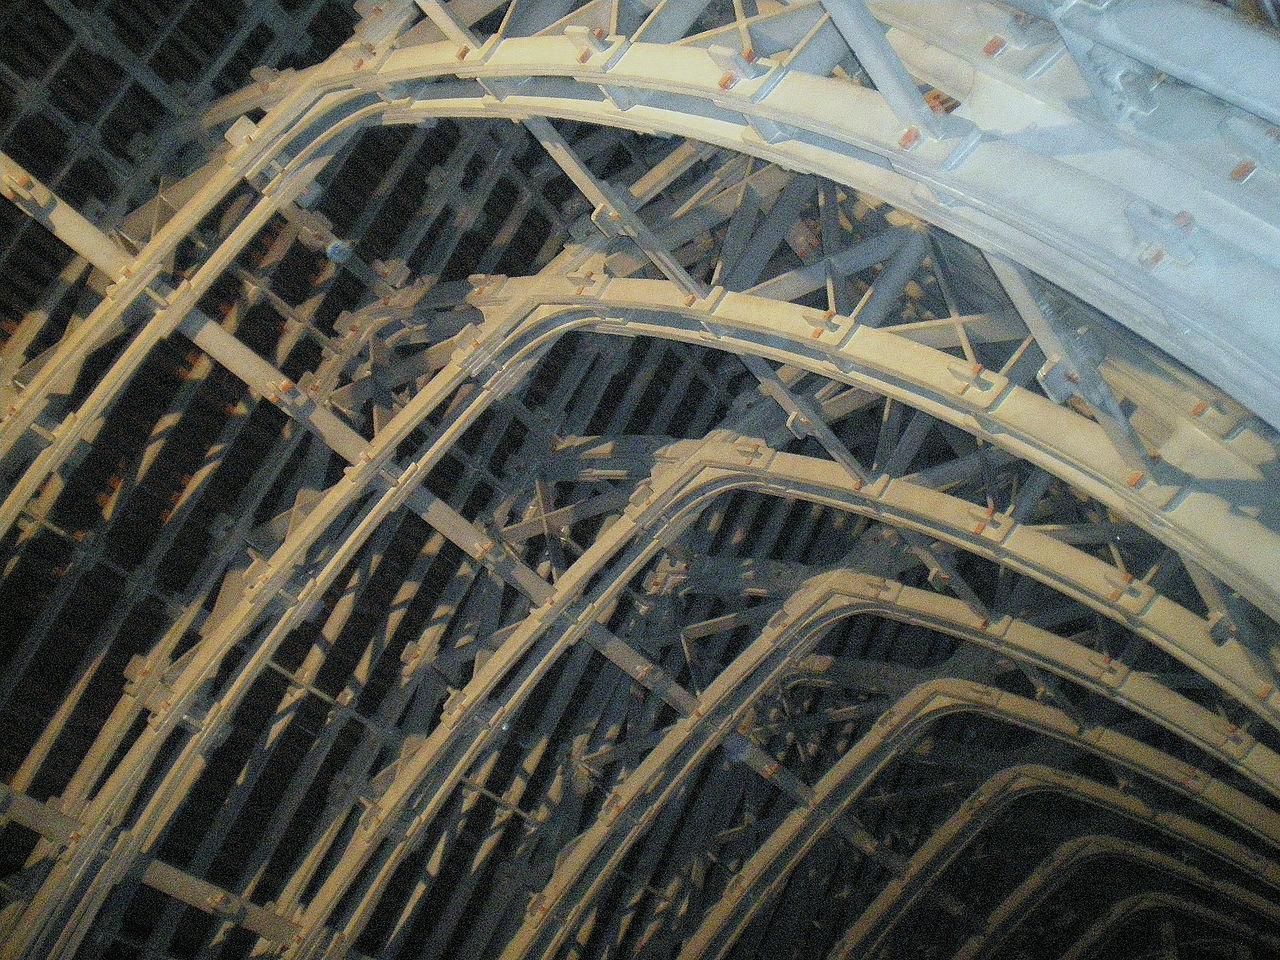 Charpente de la cathédrale de Reims